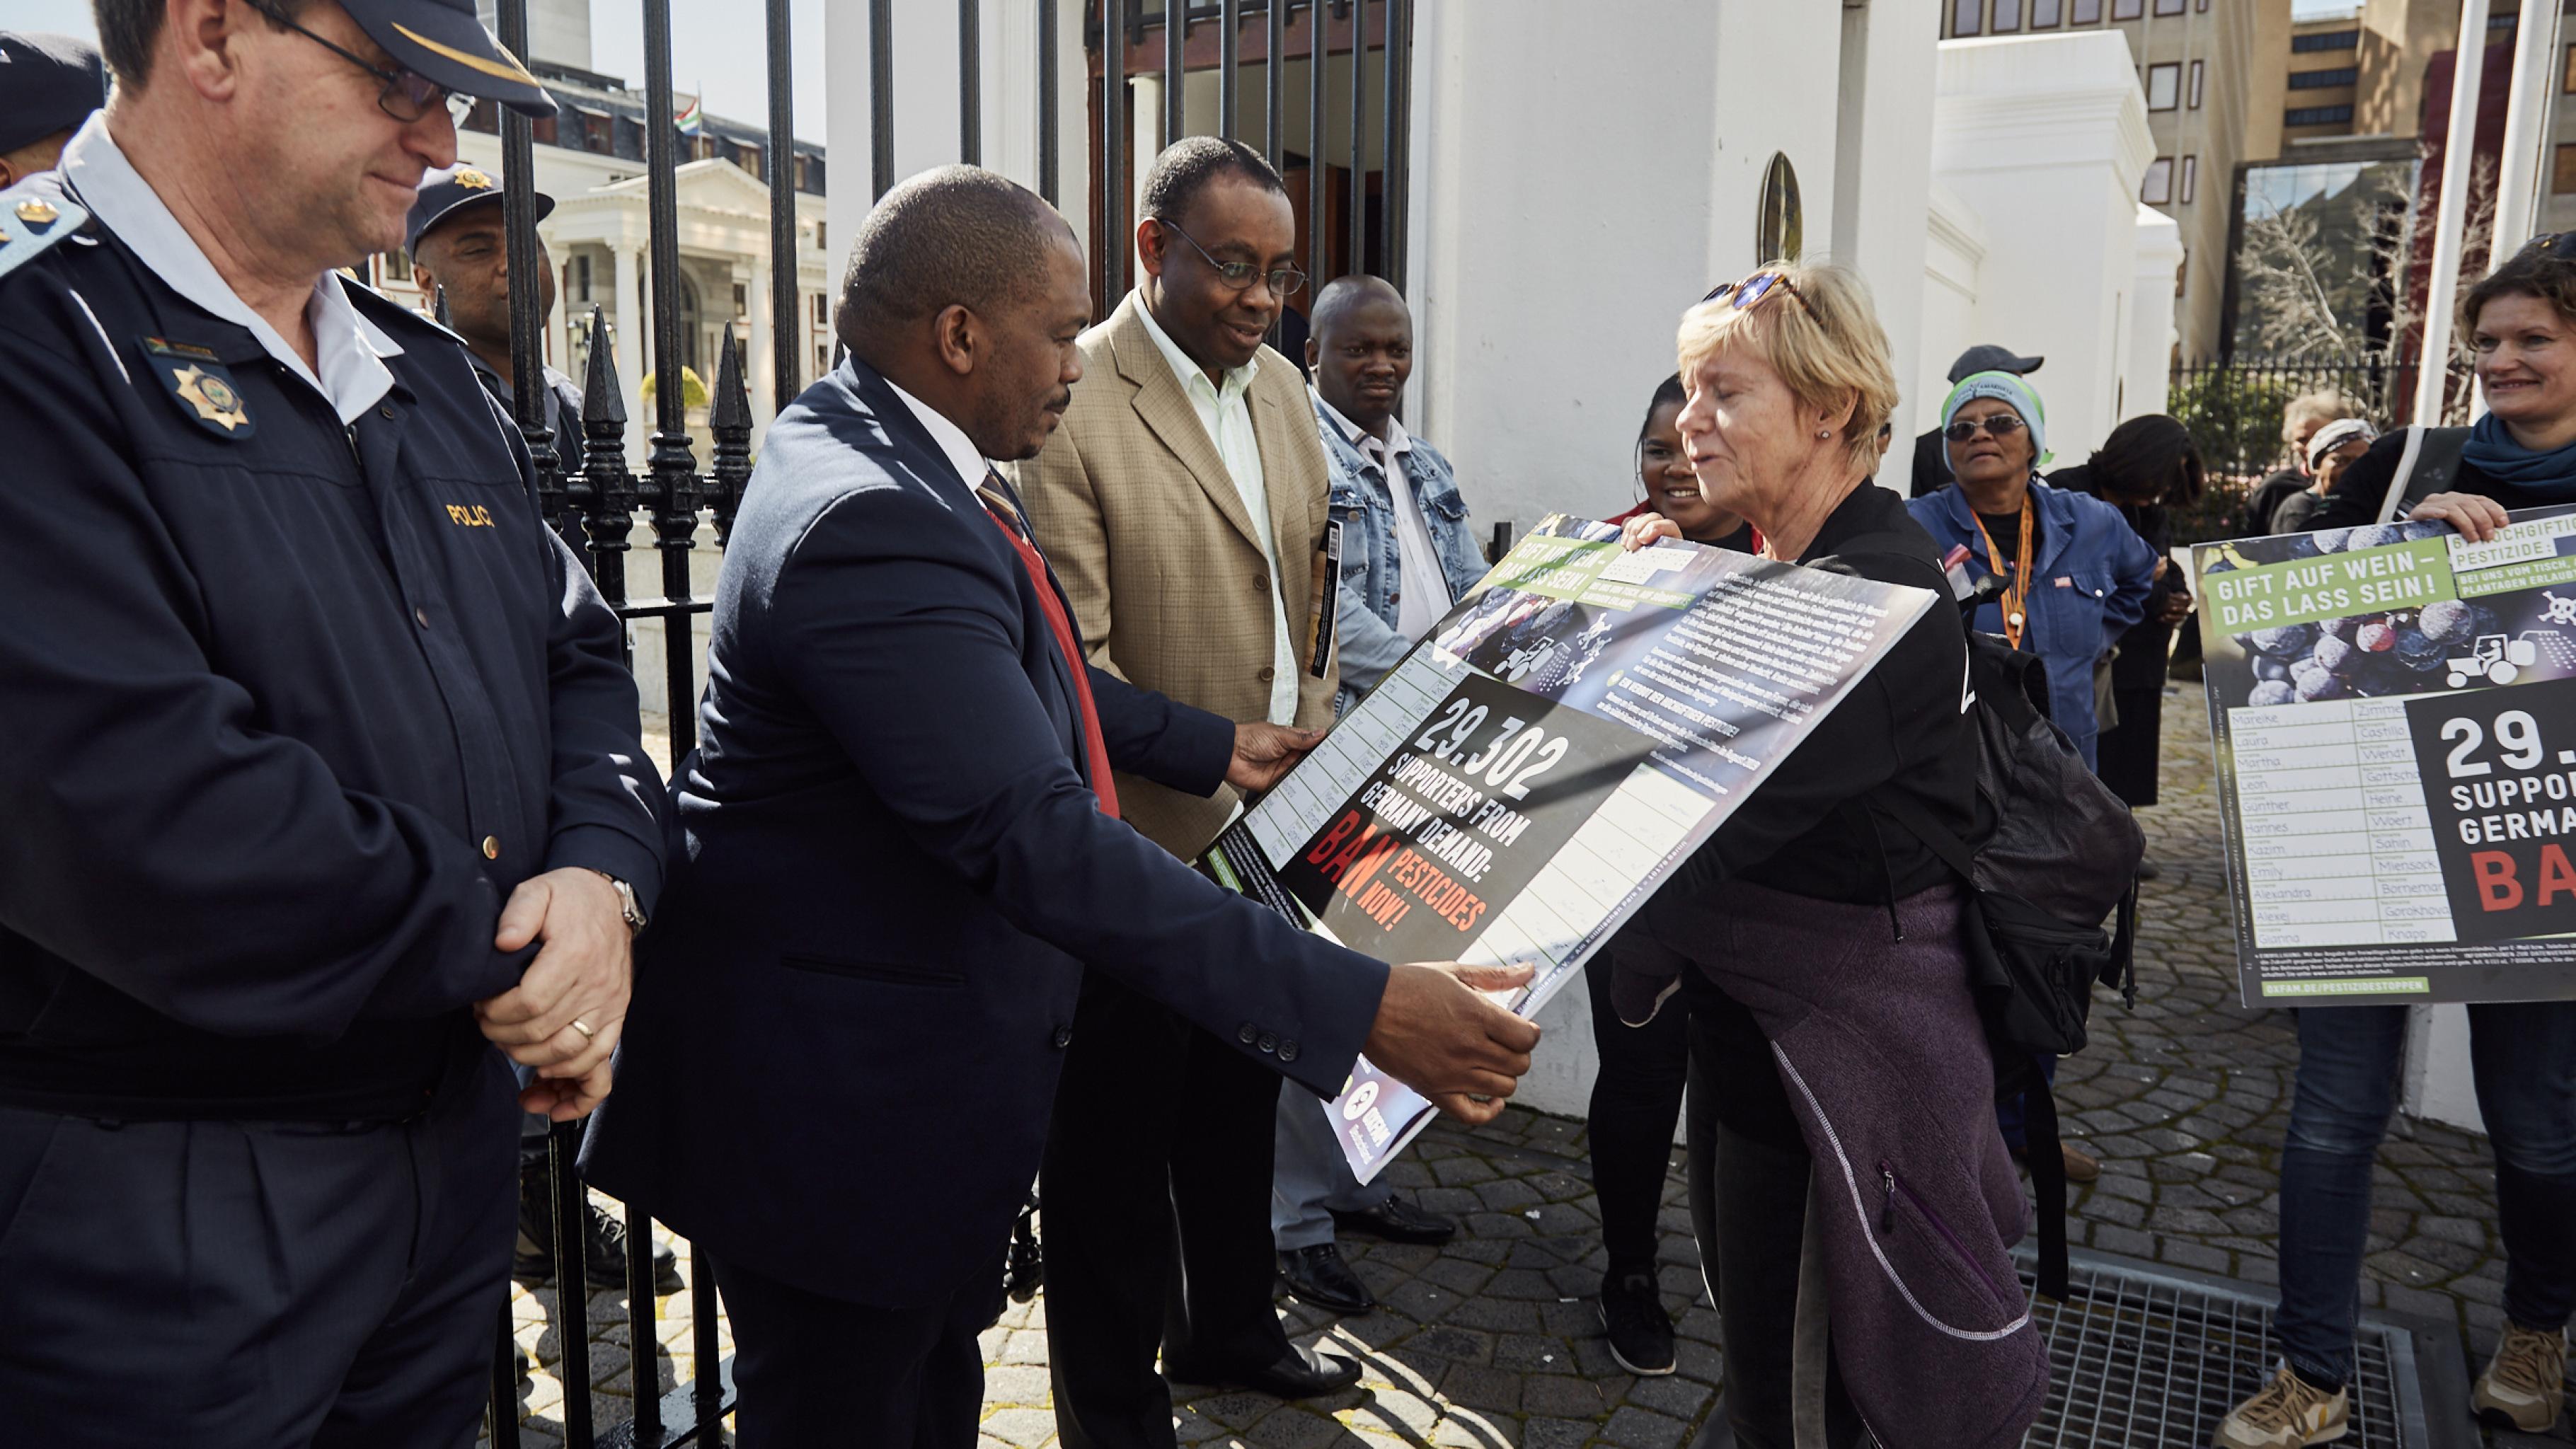 Gaby übergibt die Unterschriftenliste mit den über 29.000 Unterschriften an einen Vertreter des Arbeitsministeriums.